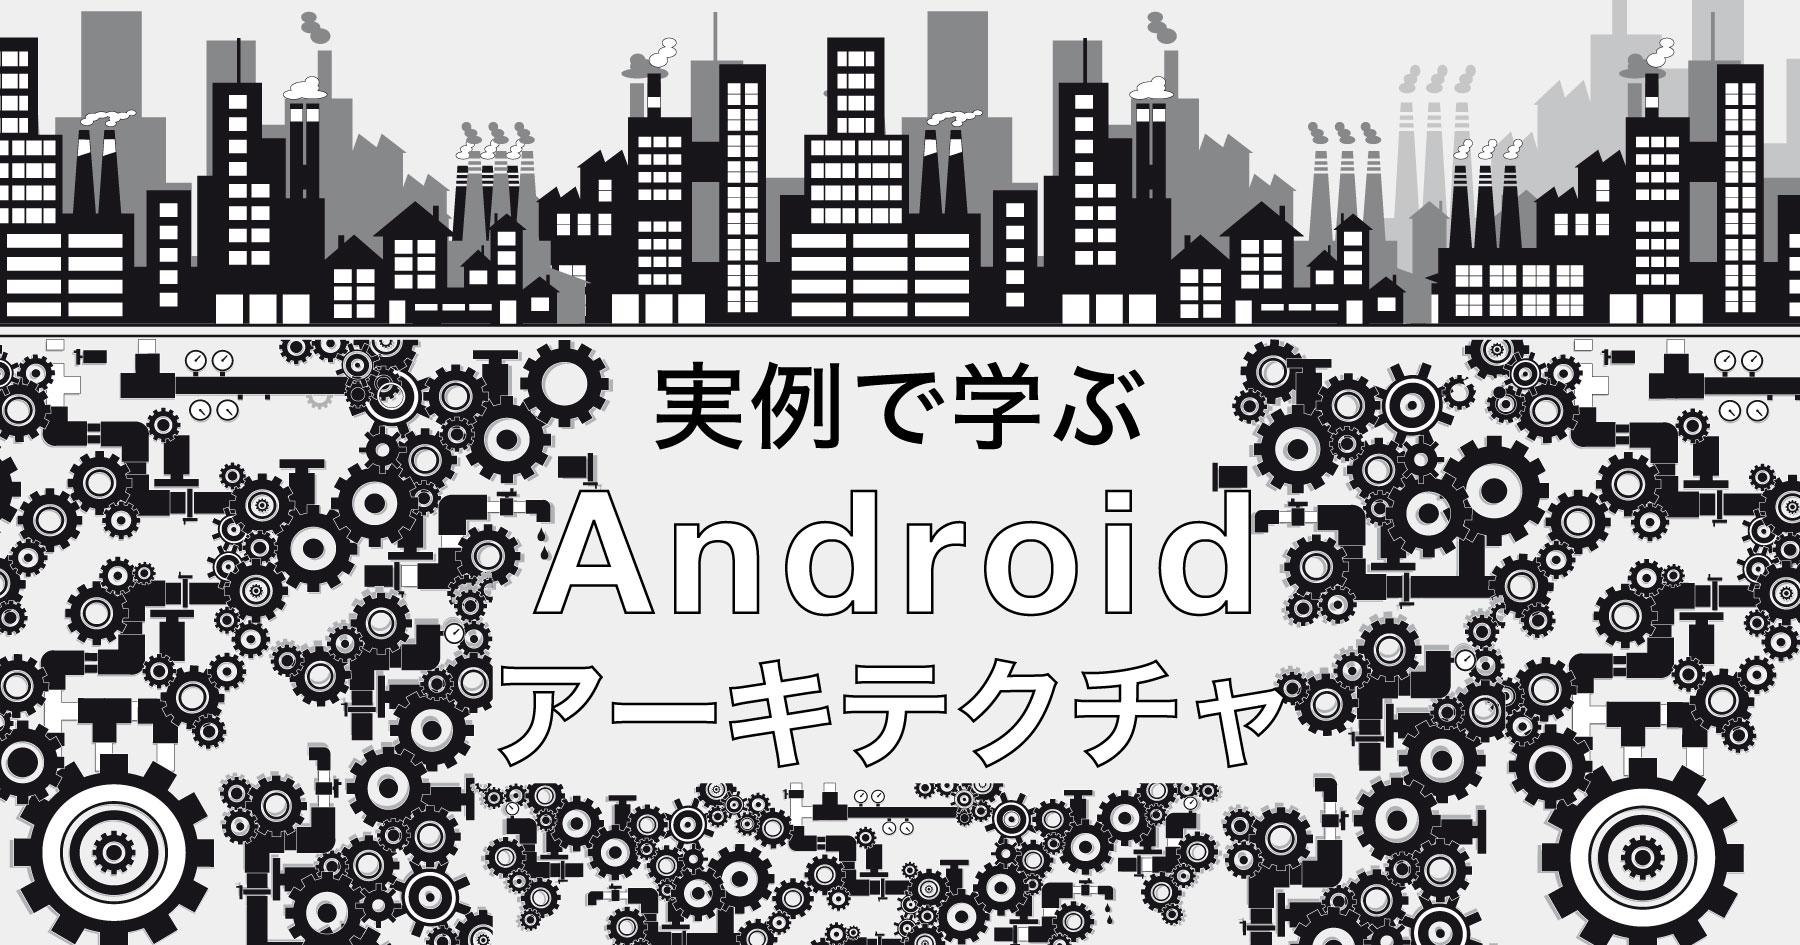 Androidアーキテクチャことはじめ ― 選定する意味と、MVP、Clean Architecture、MVVM、Fluxの特徴を理解する - エンジニアHub|若手Webエンジニアのキャリアを考える!